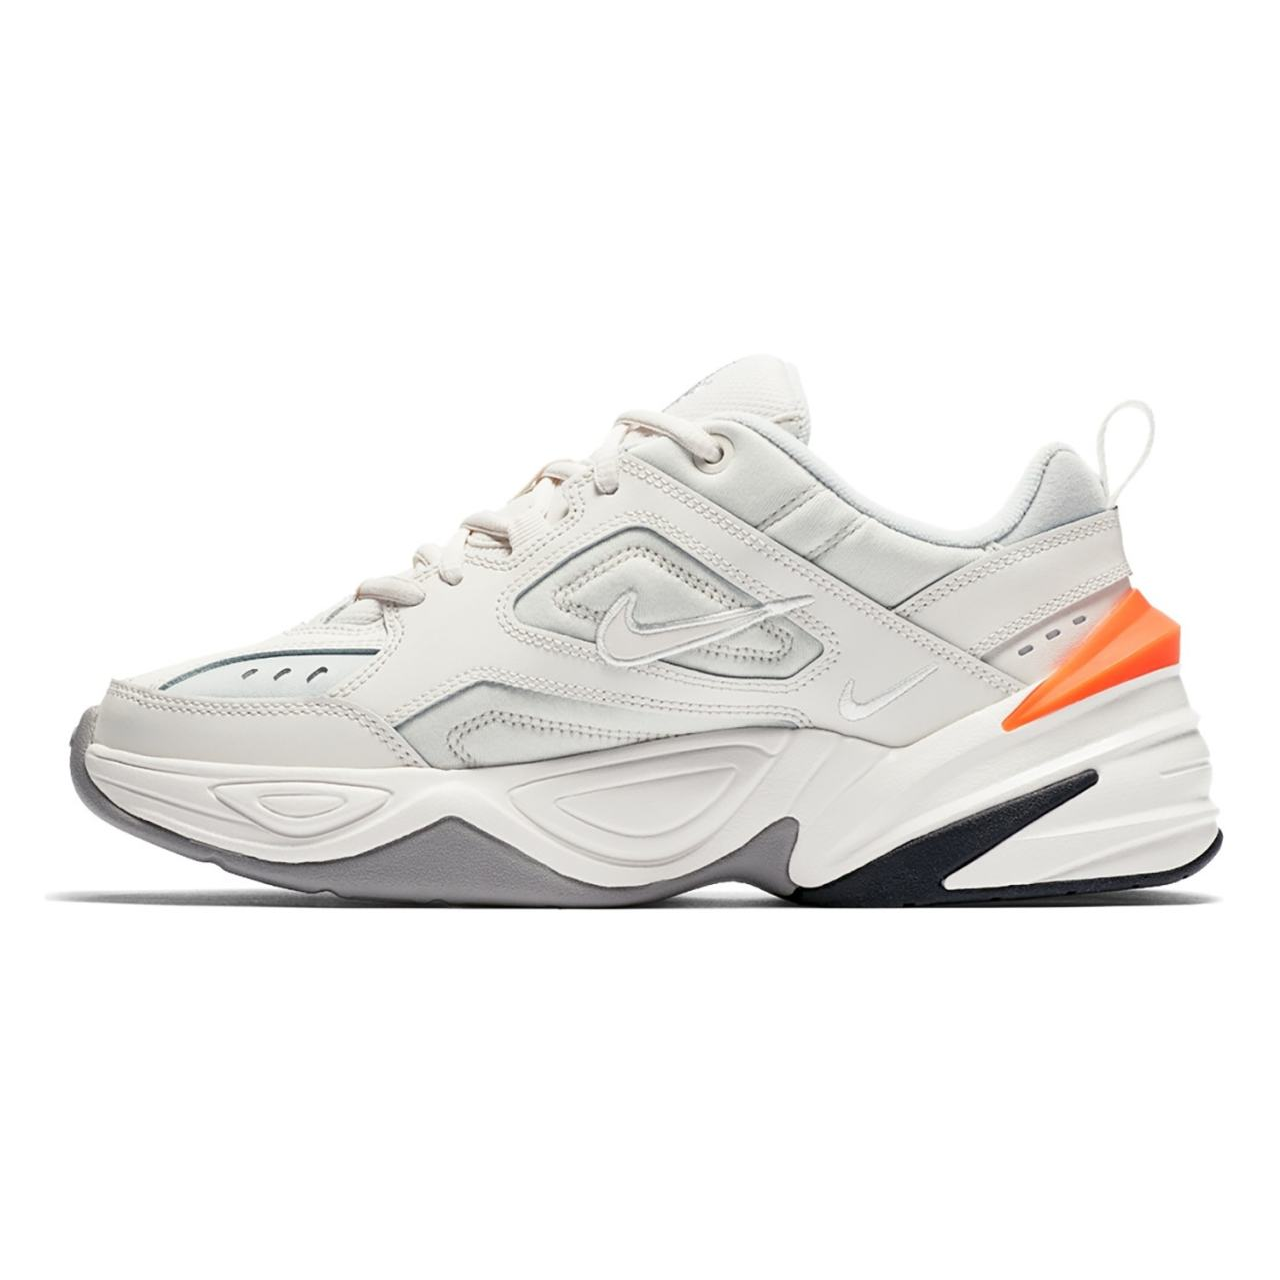 Cordero Agradecido operador  قیمت خرید و فروش کفش ورزشی زنانه نایک-NIKE کفش مخصوص دویدن زنانه مدل M2K  Tekno - AO3108-001 - سفید - چرم - فروشندگان